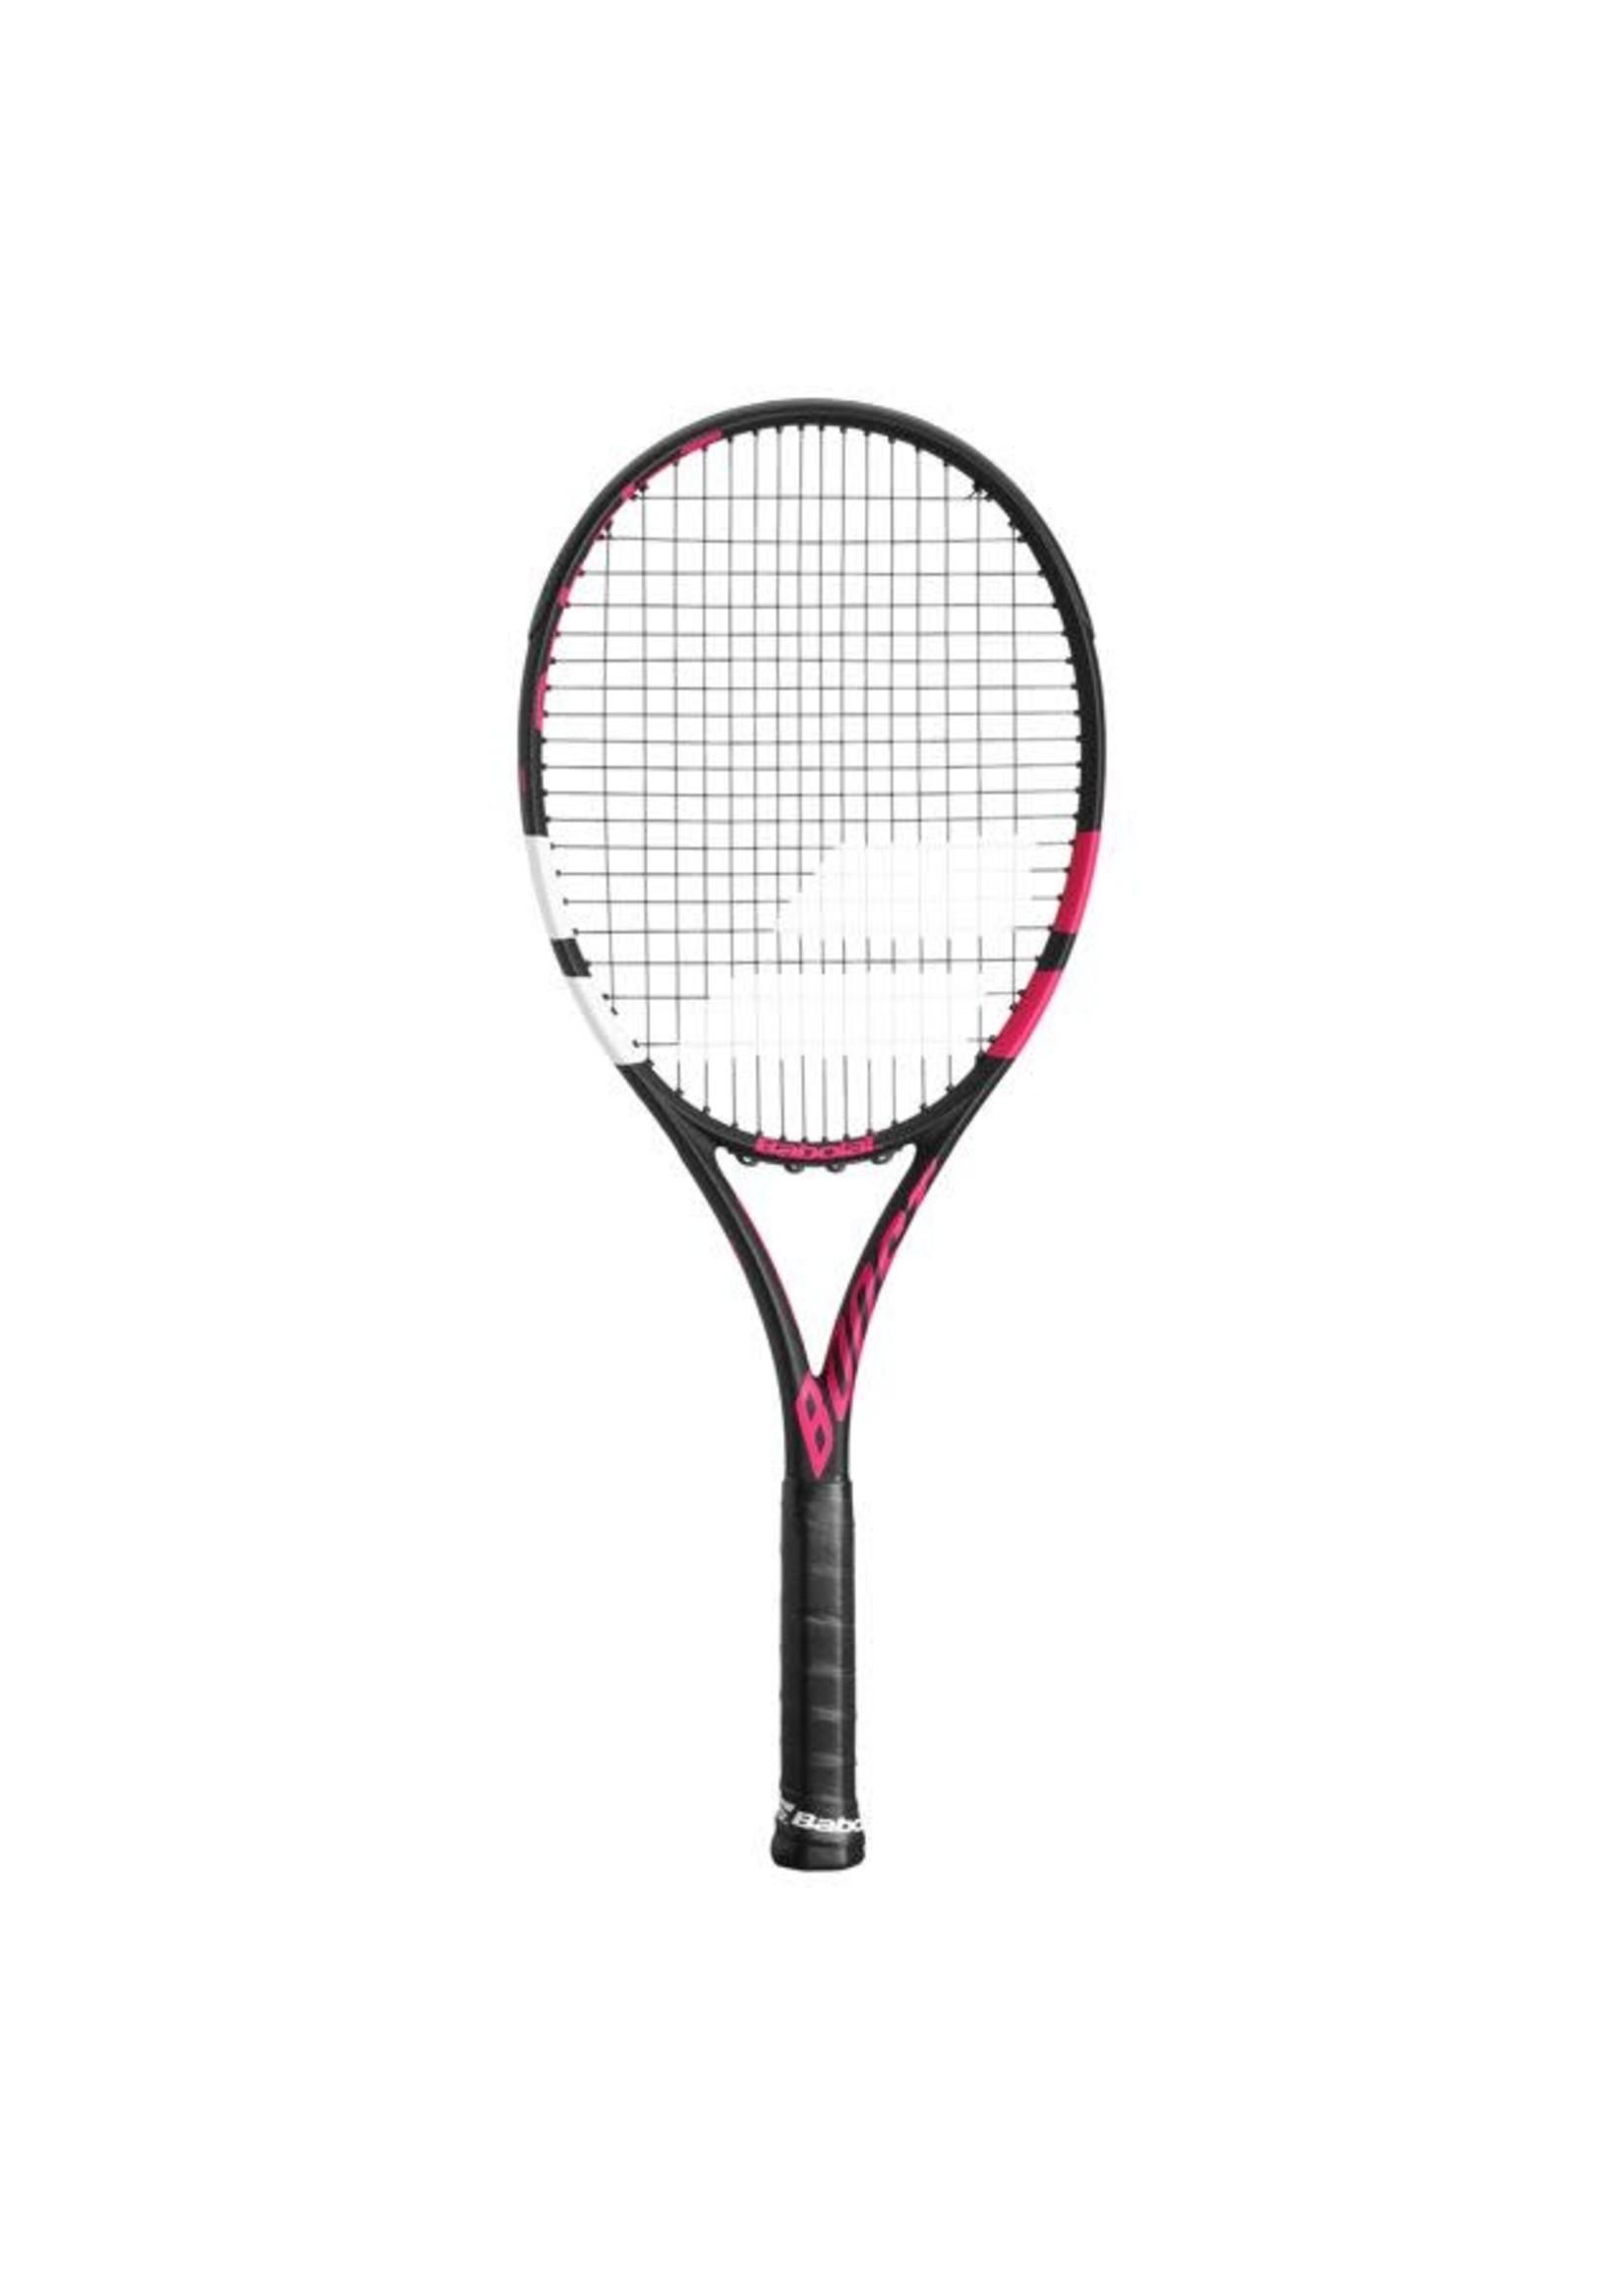 Babolat Babolat Boost Aero Tennis Racket (2020)